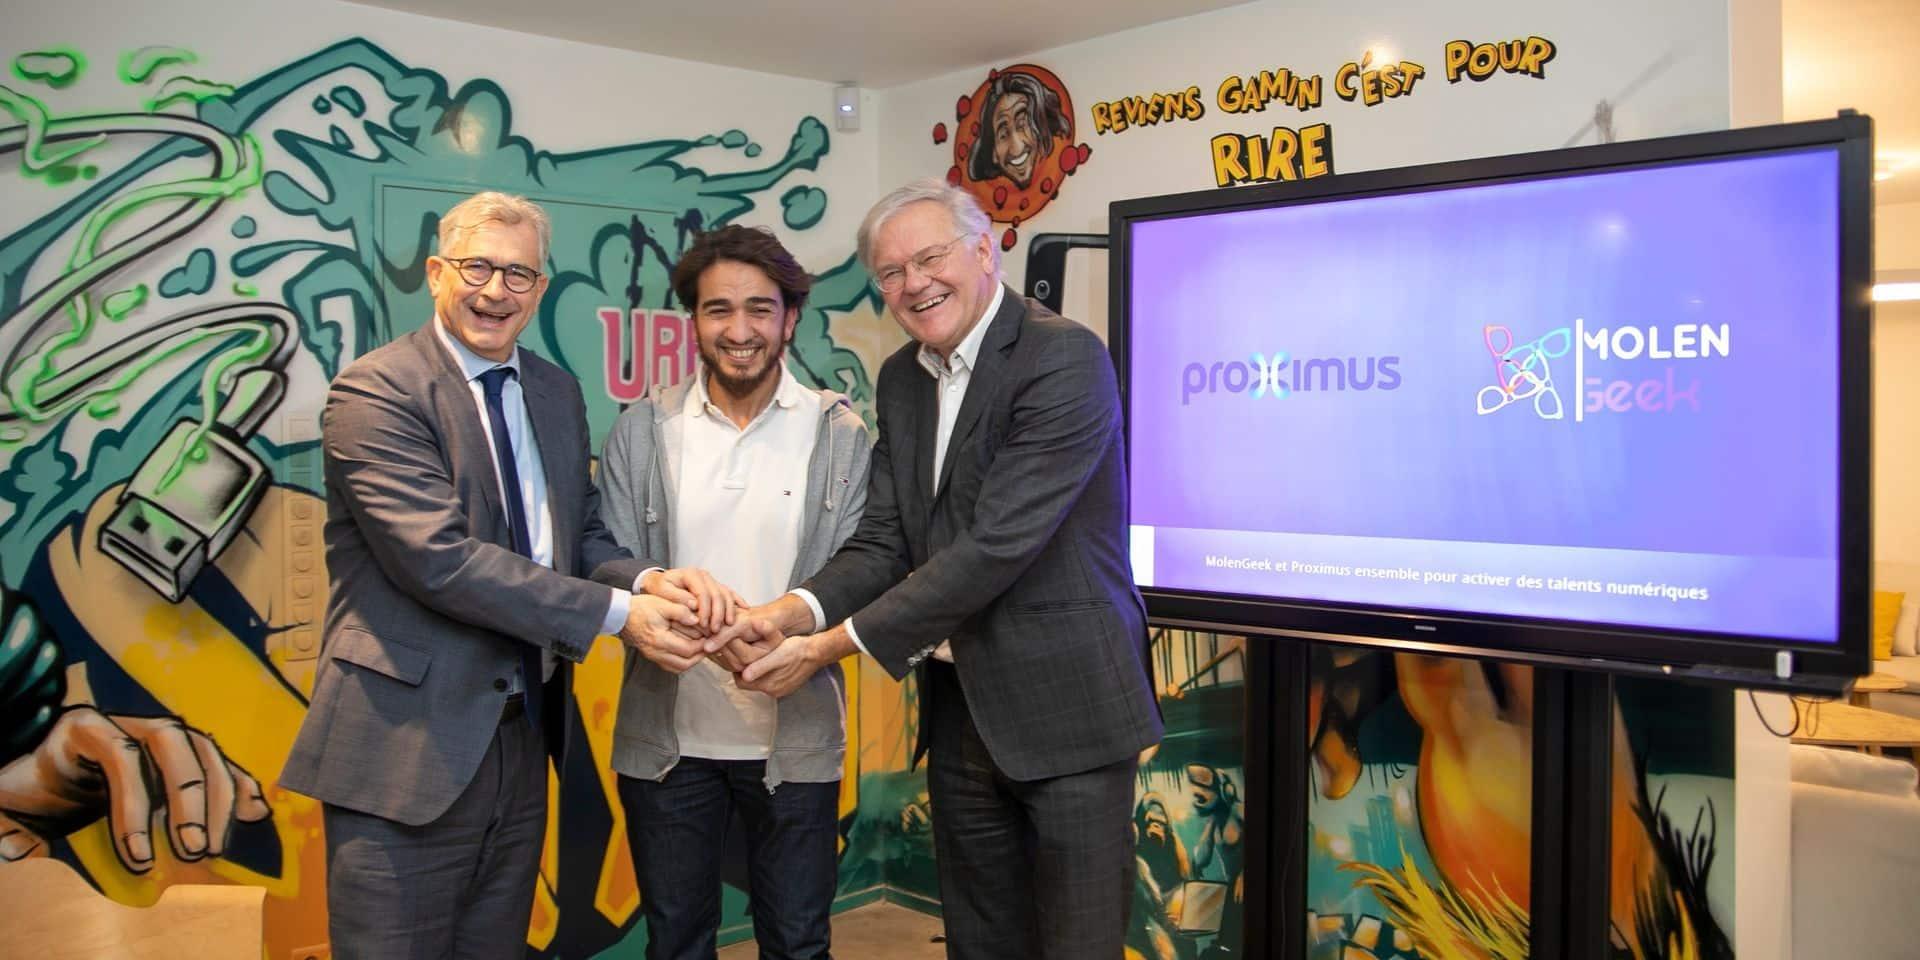 MolenGeek et Proximus, partenaires pour améliorer l'emploi